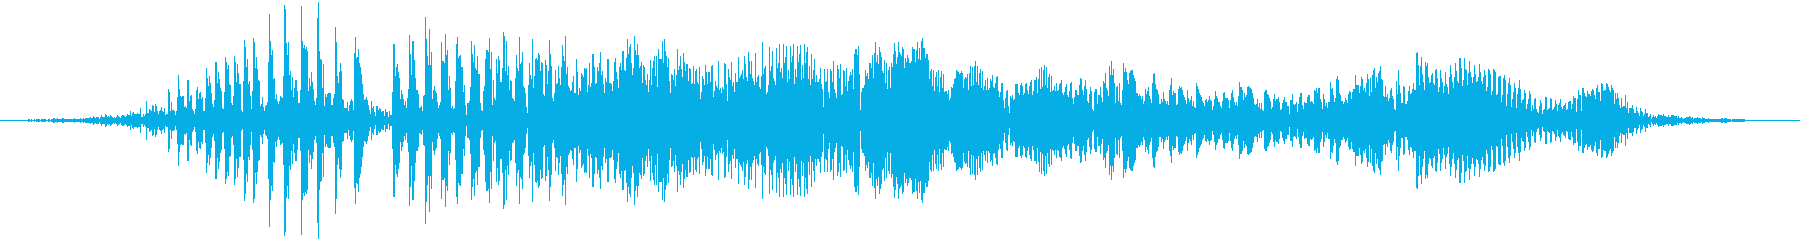 空腹でお腹がグウと鳴る音02の再生済みの波形